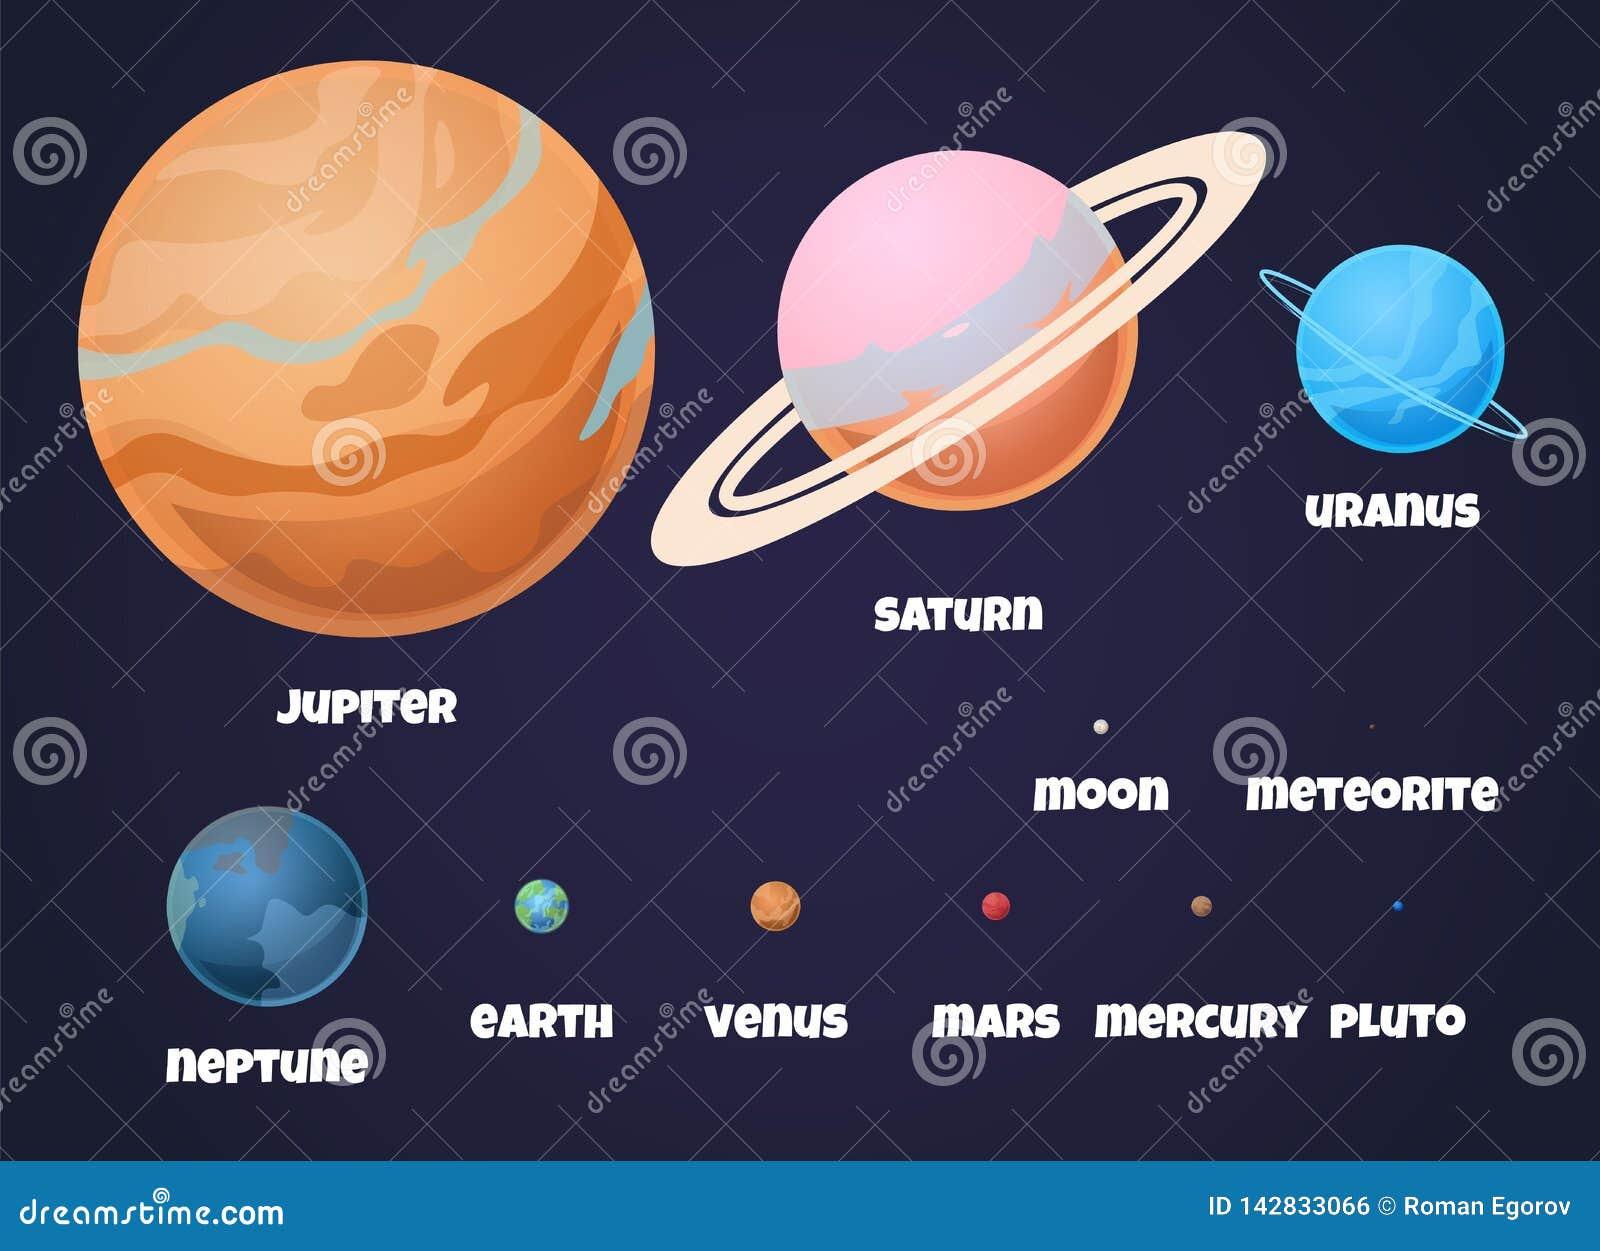 Planetensonnensystem Flache Zeichen des Planeten Jupiter im Raumuniversum mit Asteroiden für Fachinformation und